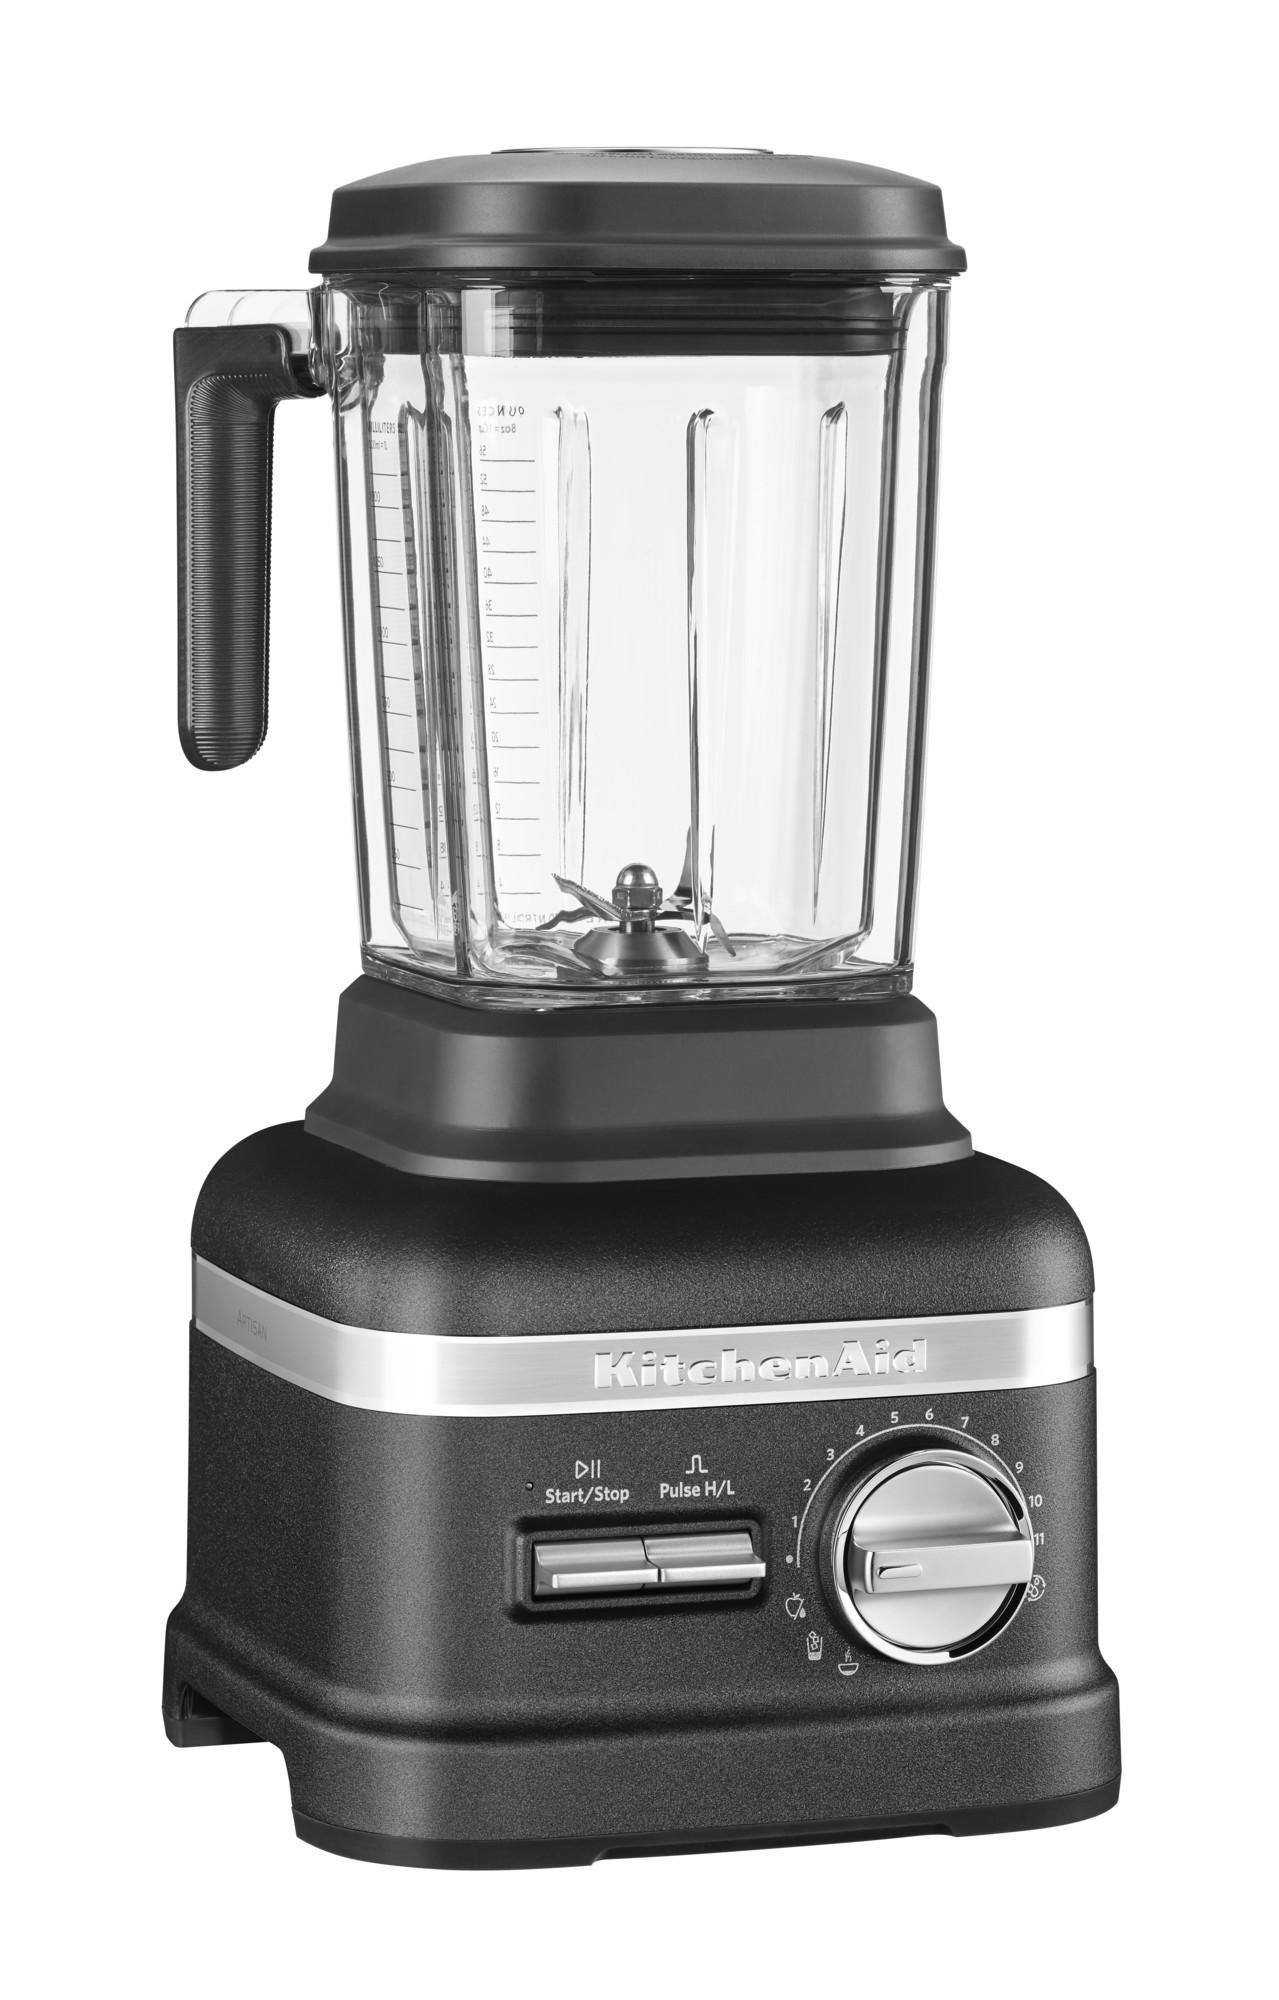 Kitchenaid Standmixer Artisan Power Plus 5ksb8270